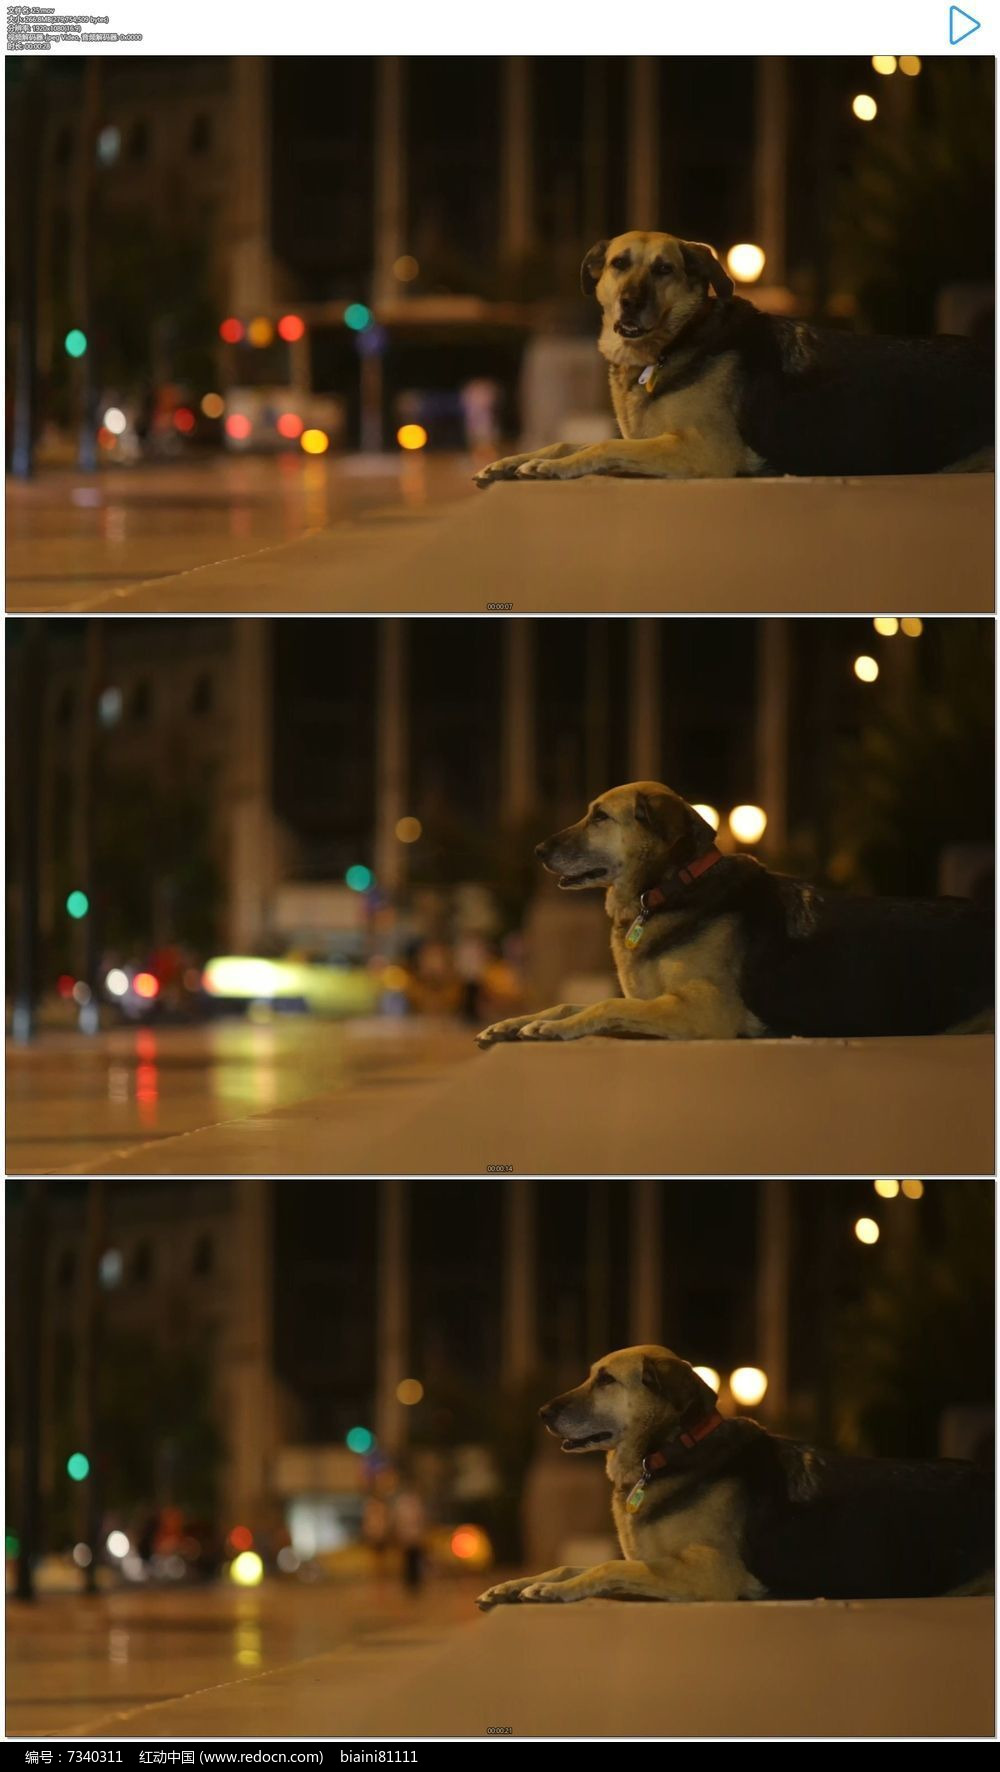 趴在夜晚街边的小狗实拍视频素材mov素材下载 编号7340311 红动网图片